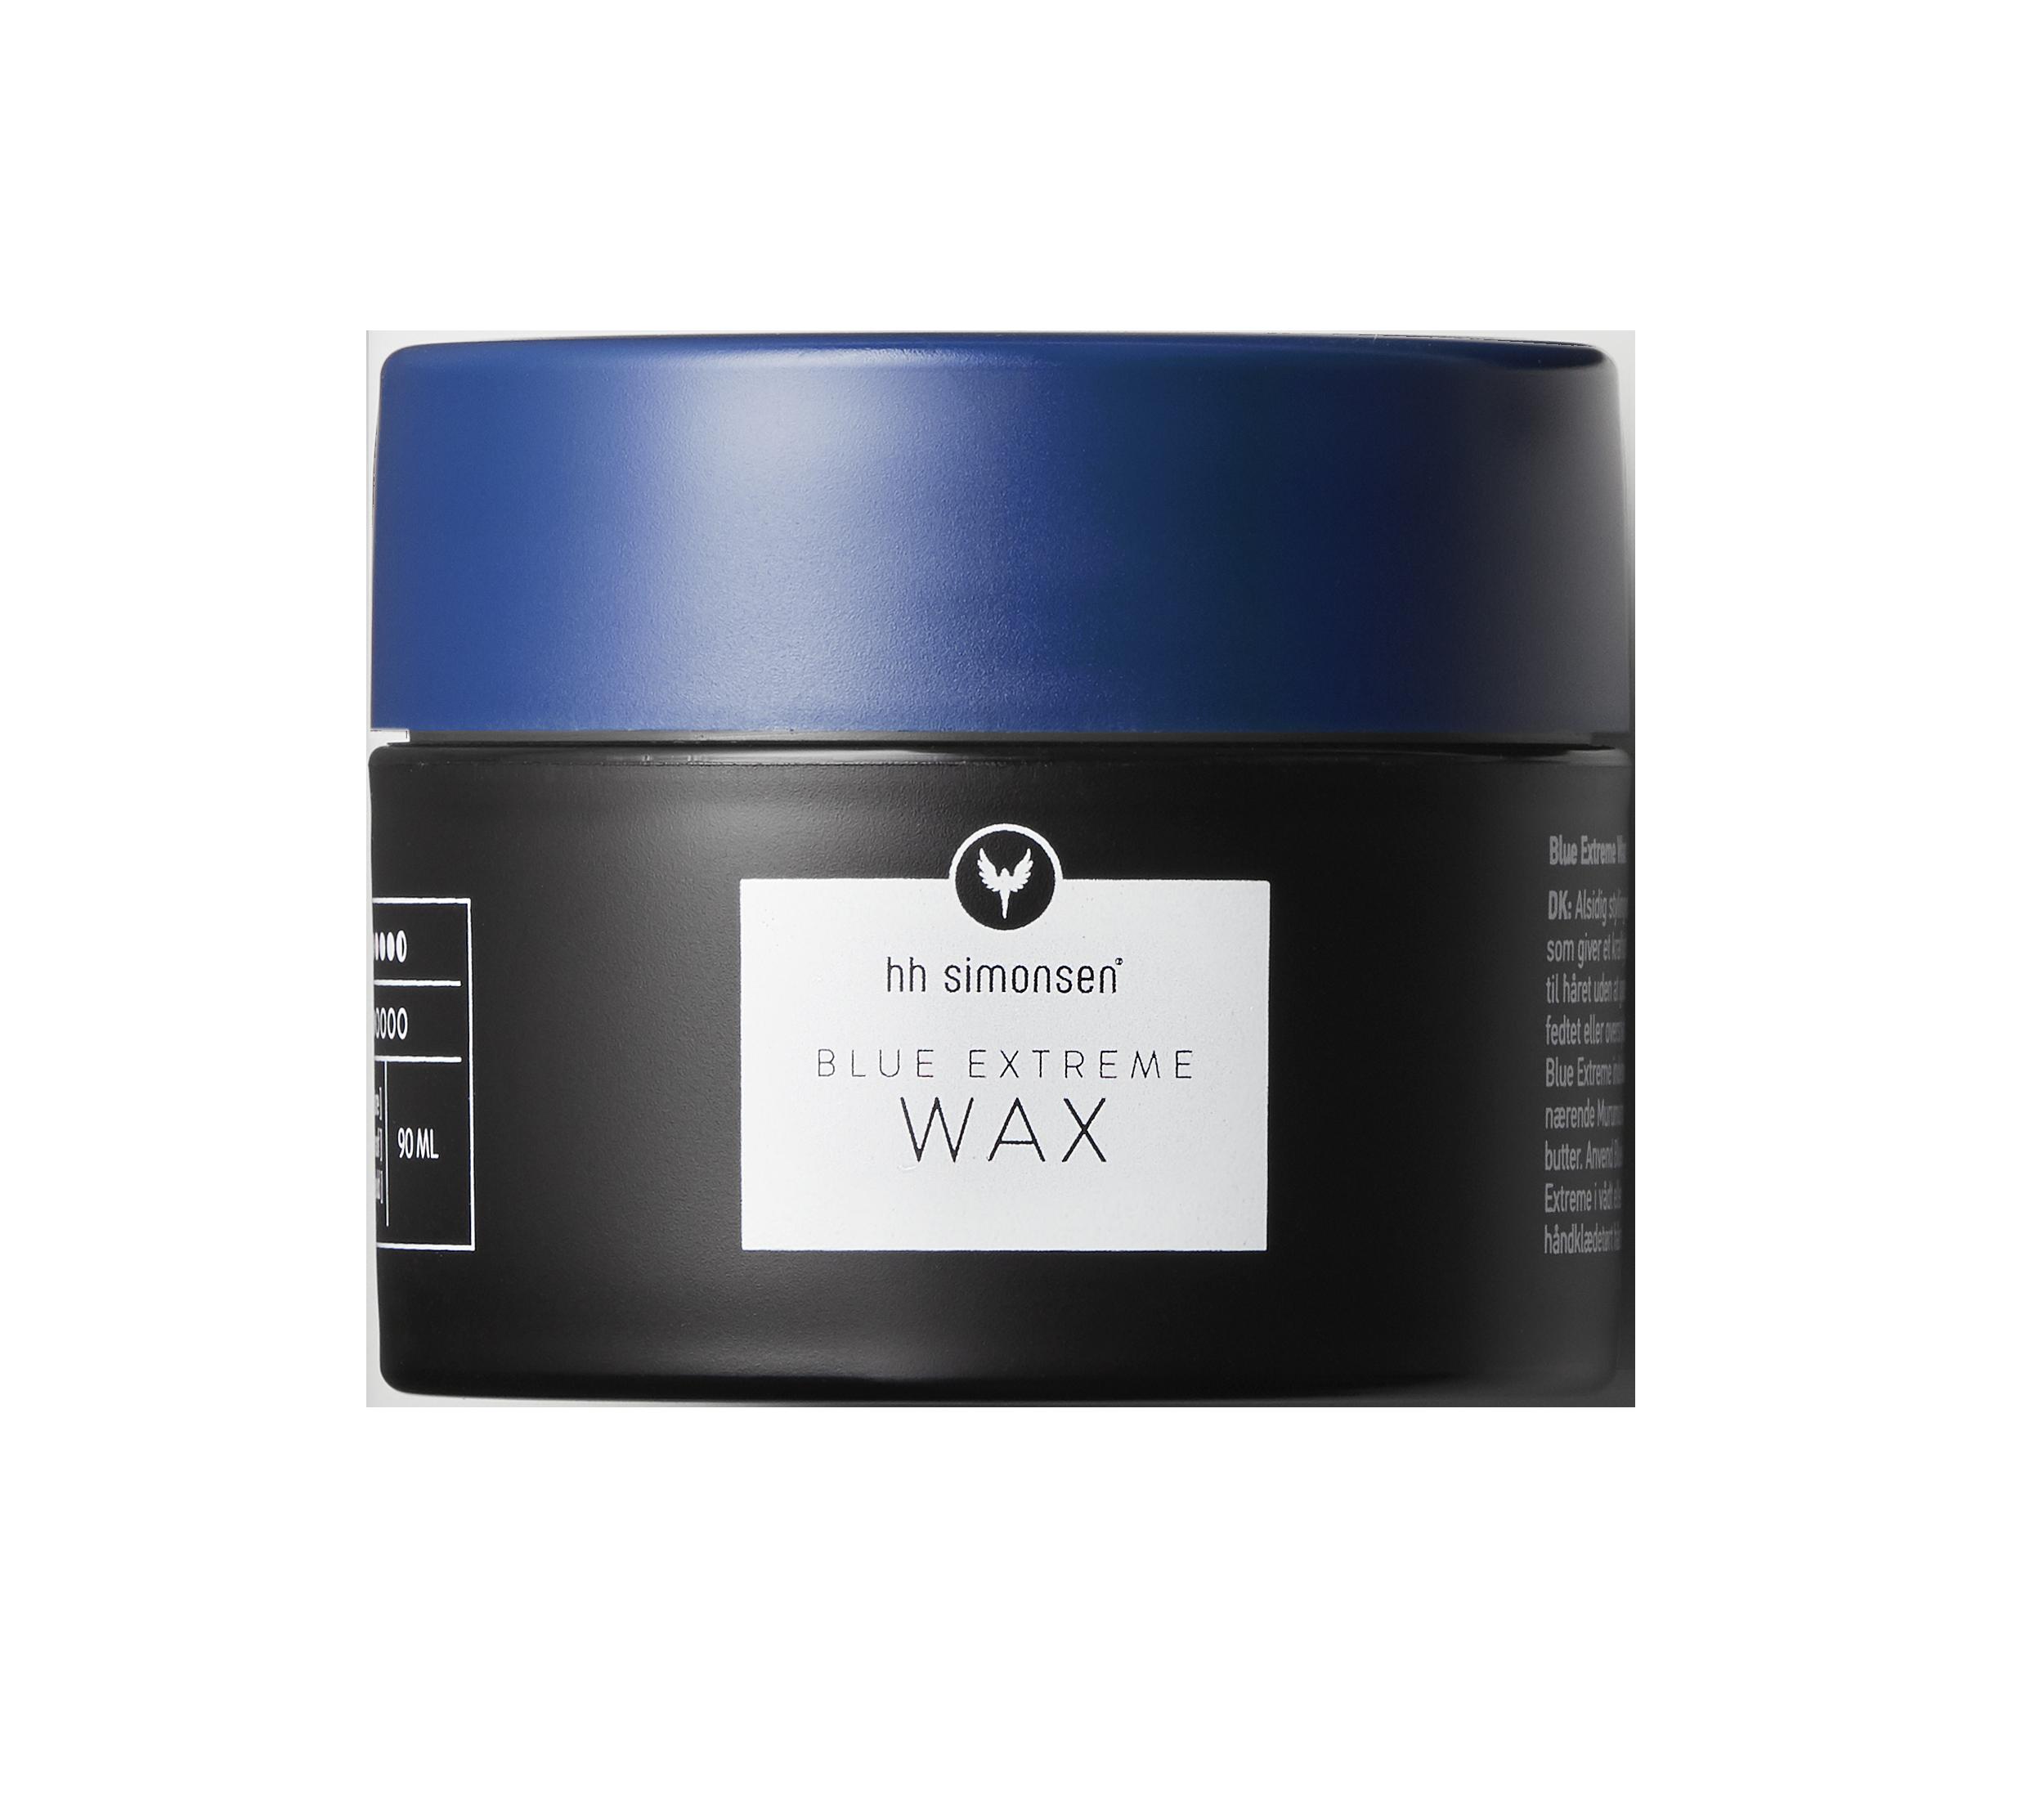 HH Simonsen - Blue Extreme Wax 90 ml.